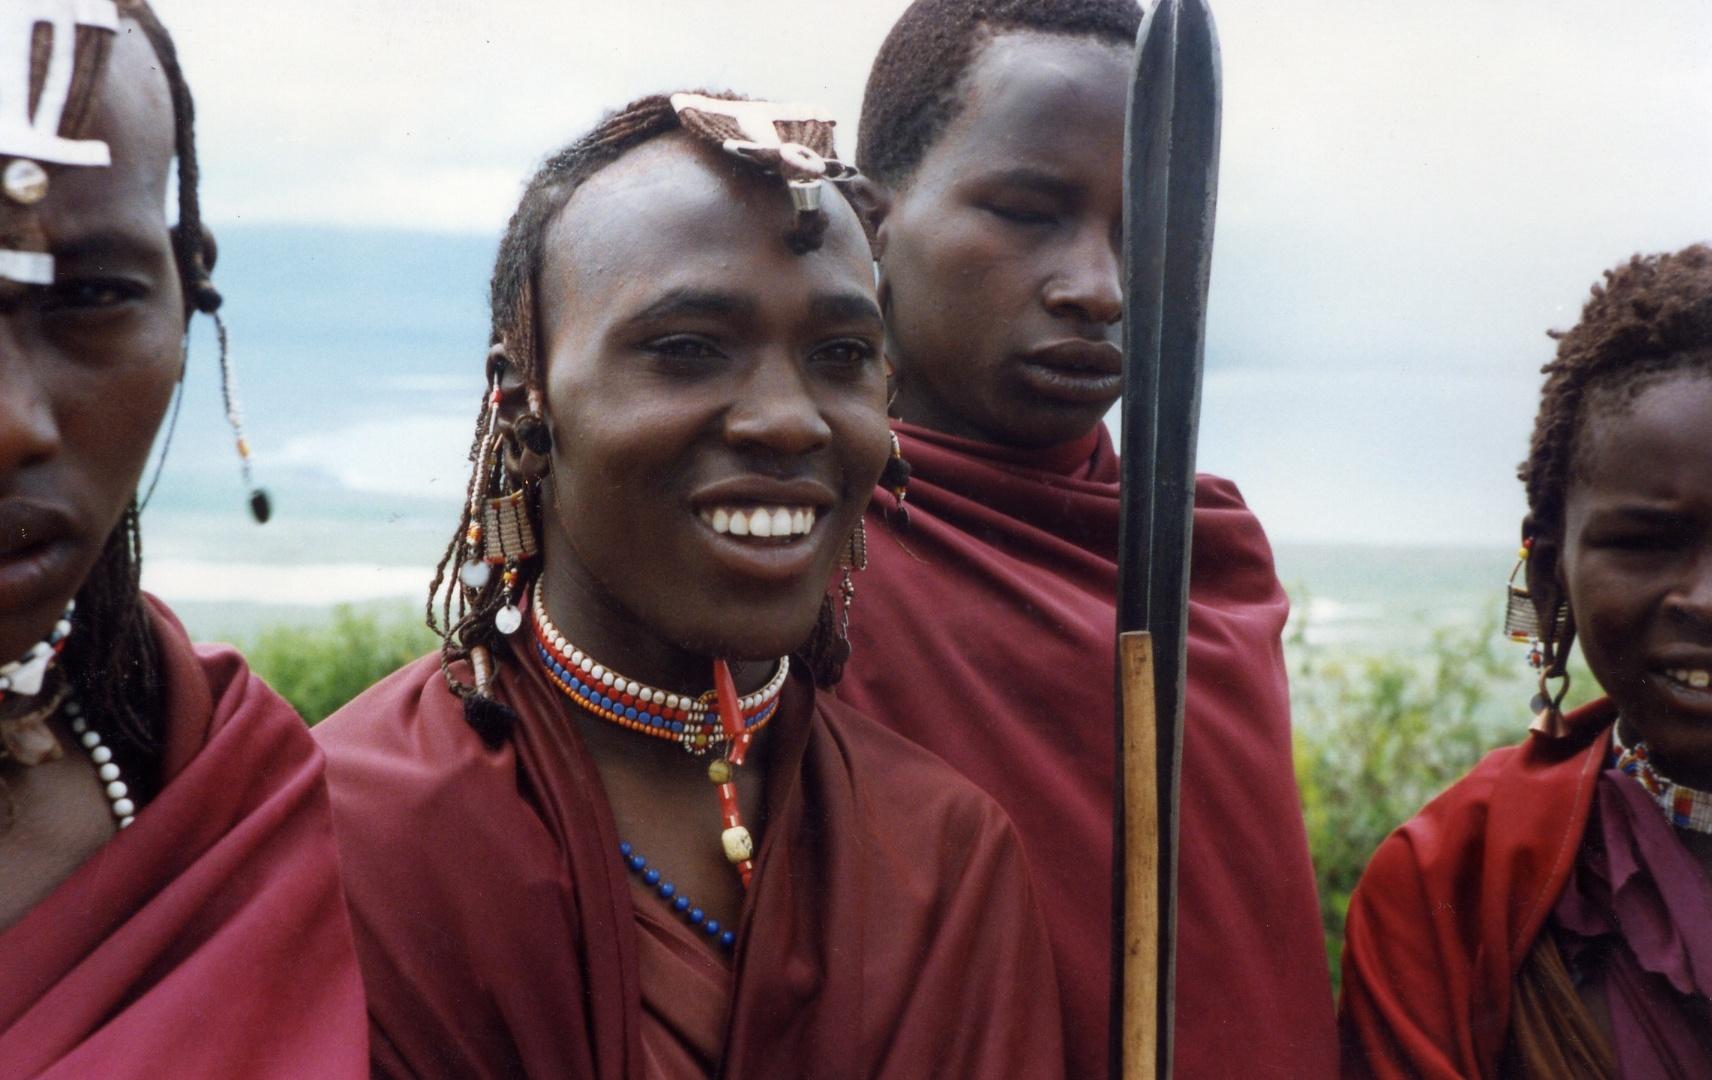 бруса всех фото кении и танзании этом отделе проблема